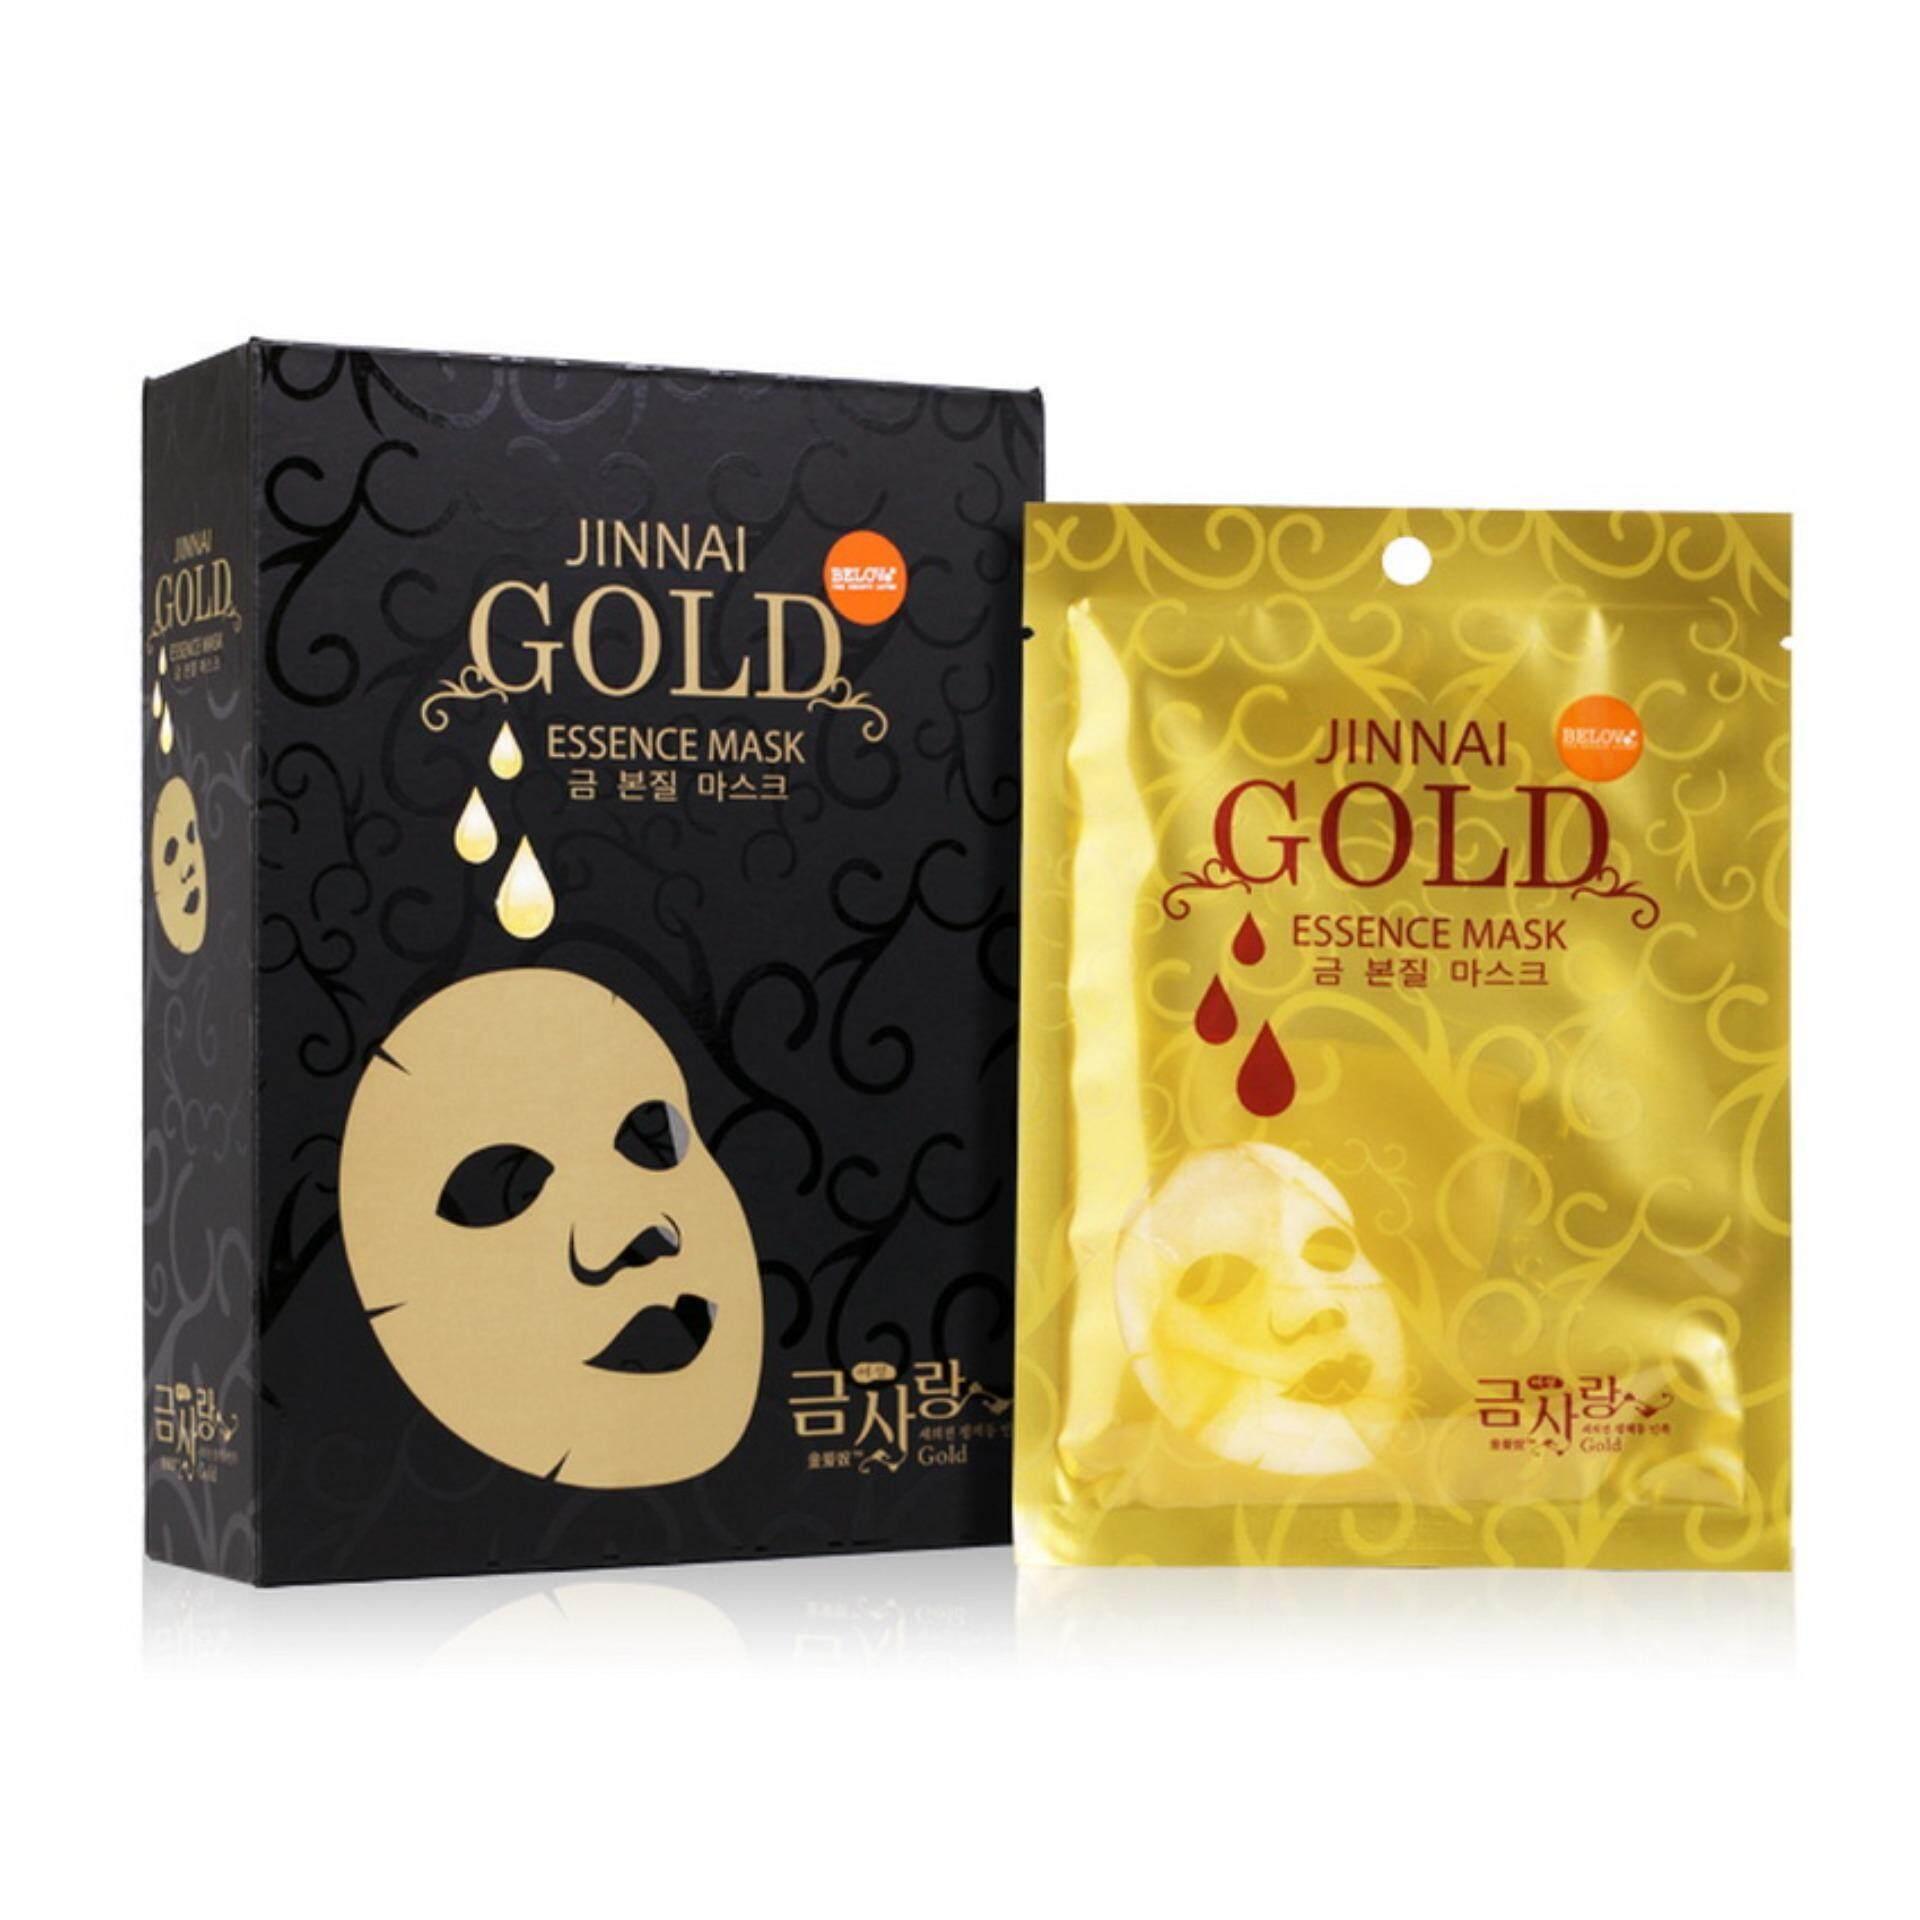 โปรโมชั่น Belov Jinnai Gold Essence Mask จินนาย มาส์คเอซเซนท์ทองคำ กล่องดำ กล่องละ 10 แผ่น